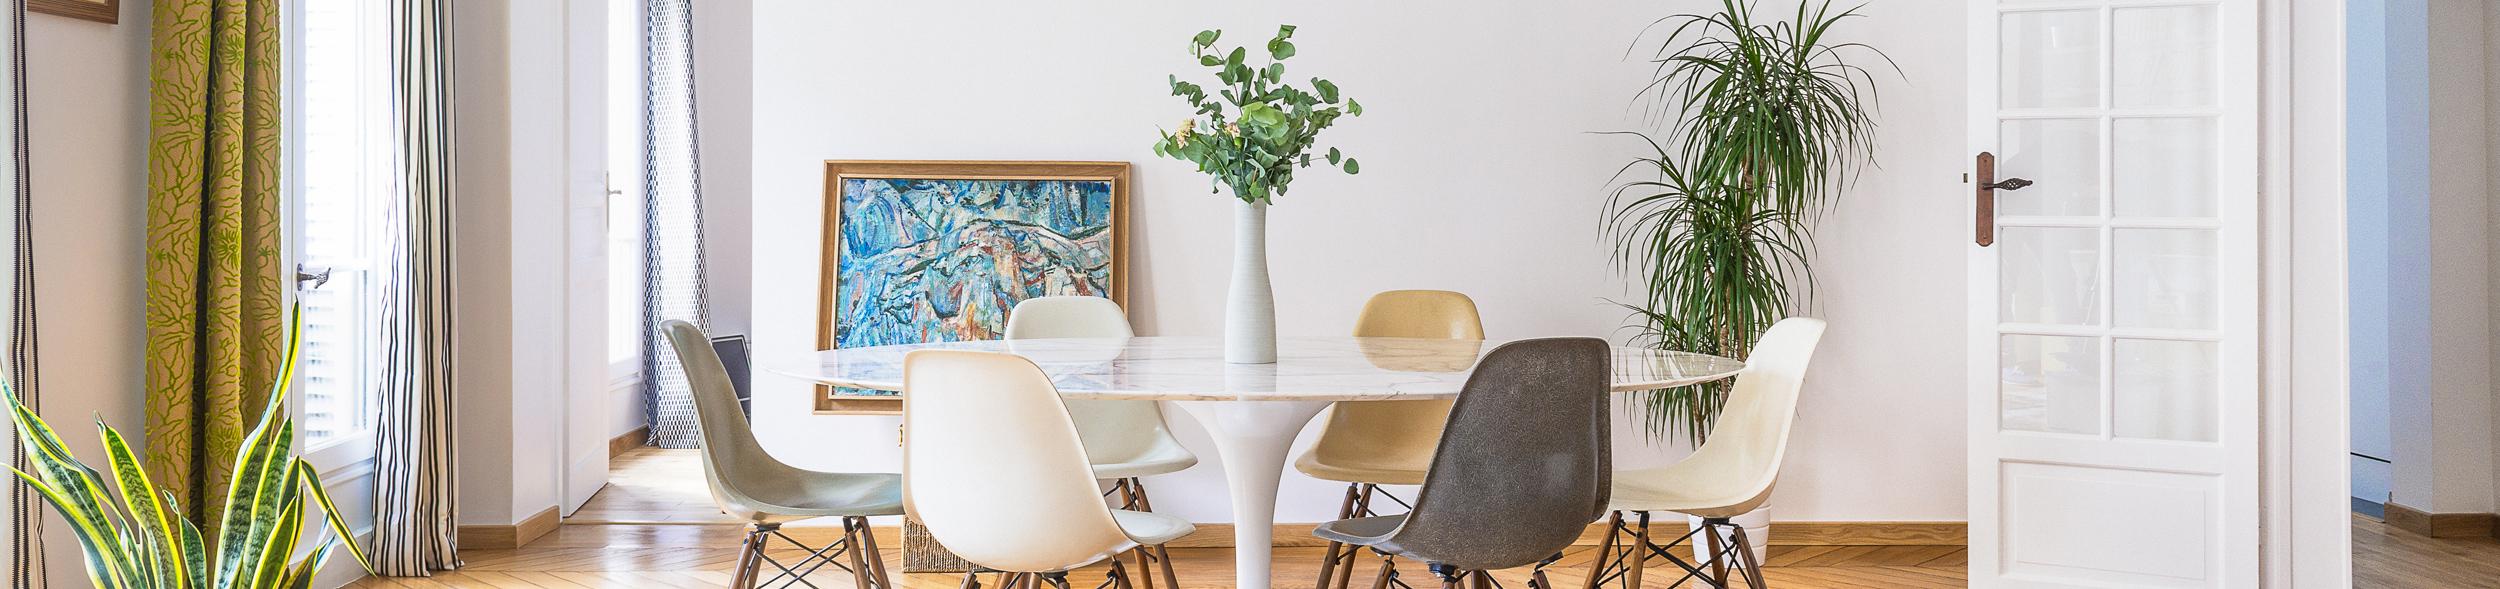 decoratrice-interieur-paris